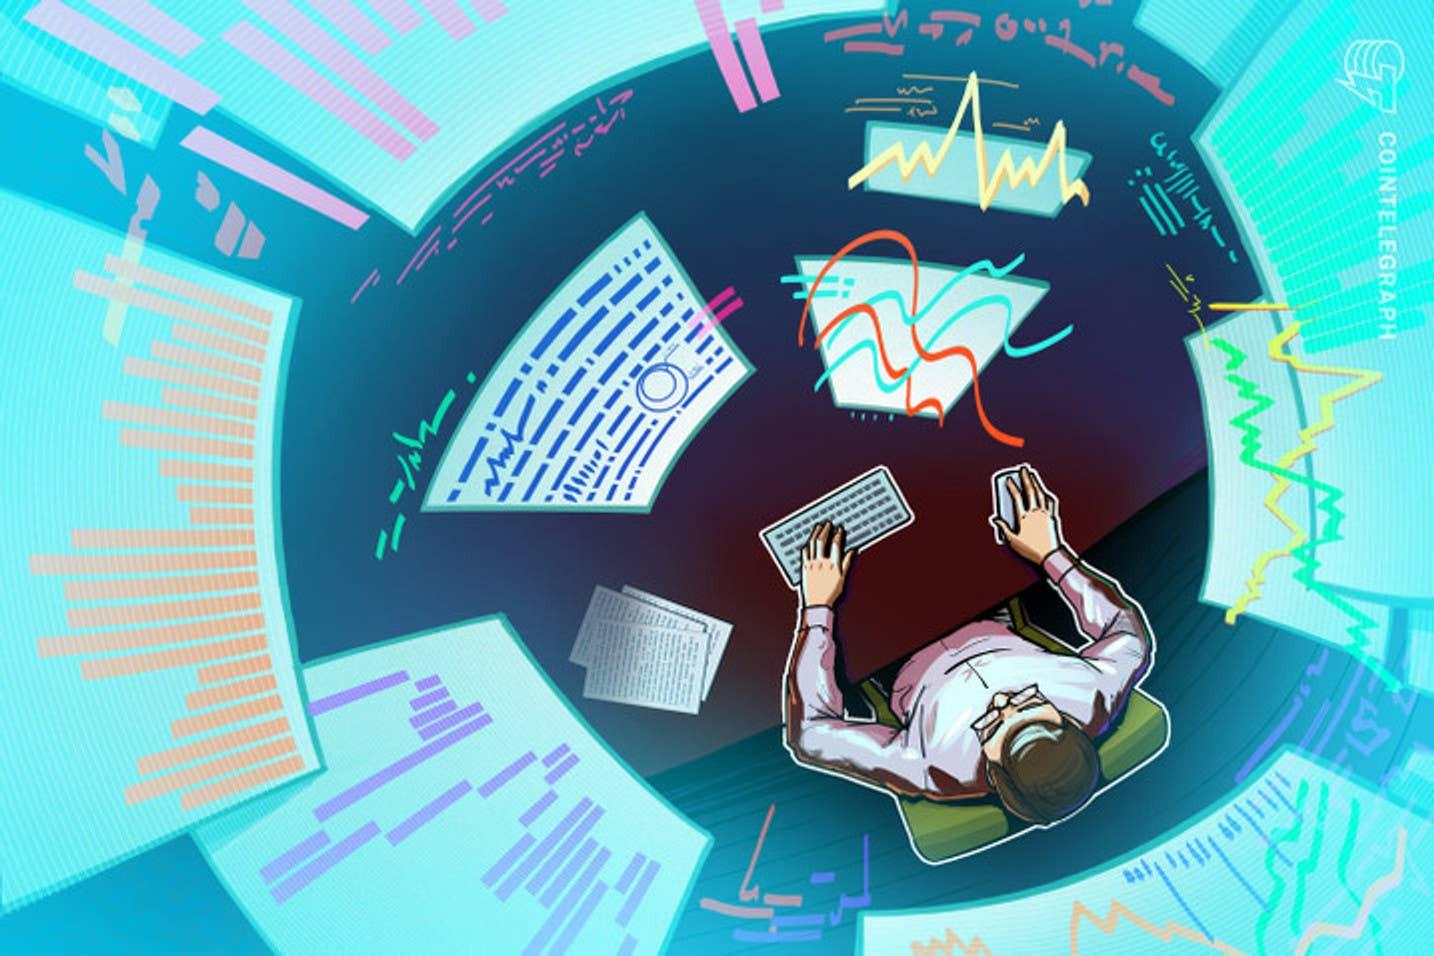 Viciados no trade: obsessão pelo mercado de criptomoedas pode causar prejuízos à saúde mental - e não apenas financeiros